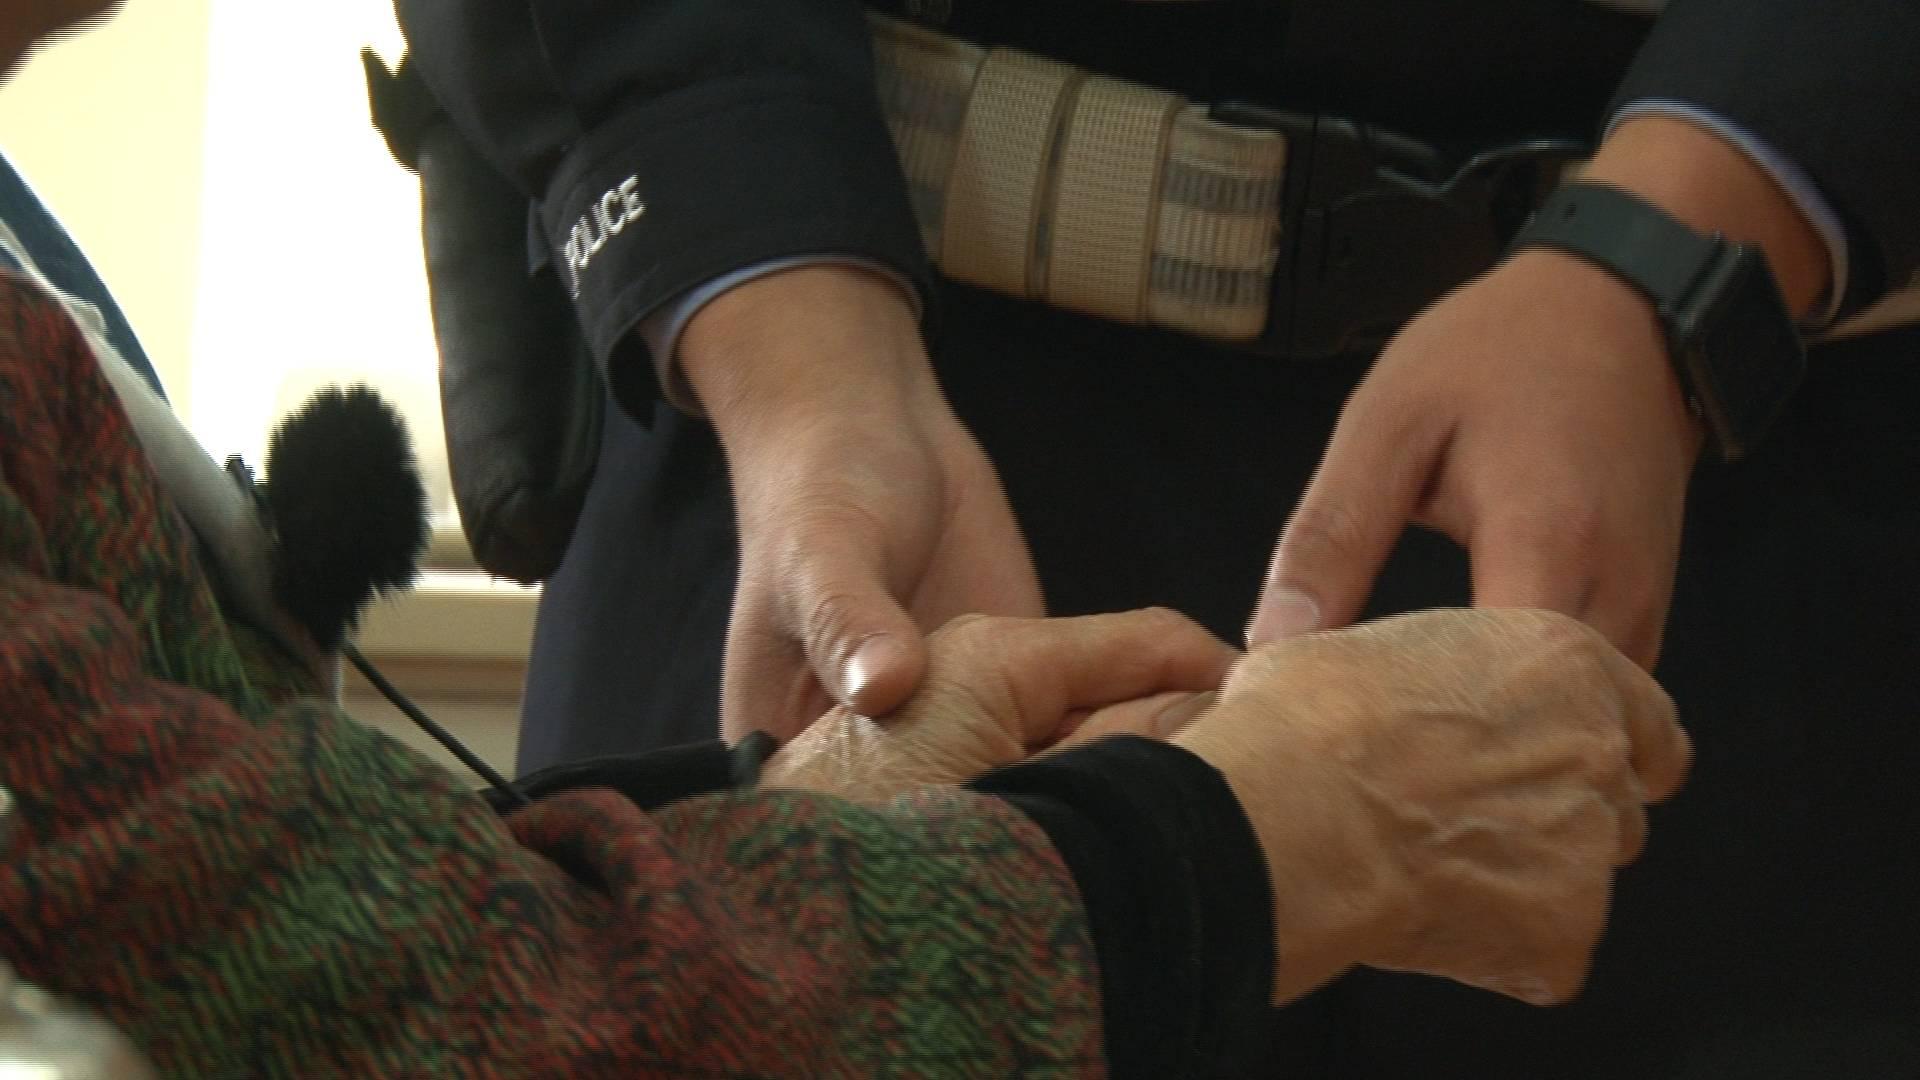 济南交警牵手8旬老太送她回家,老太太:他的手真的很暖和